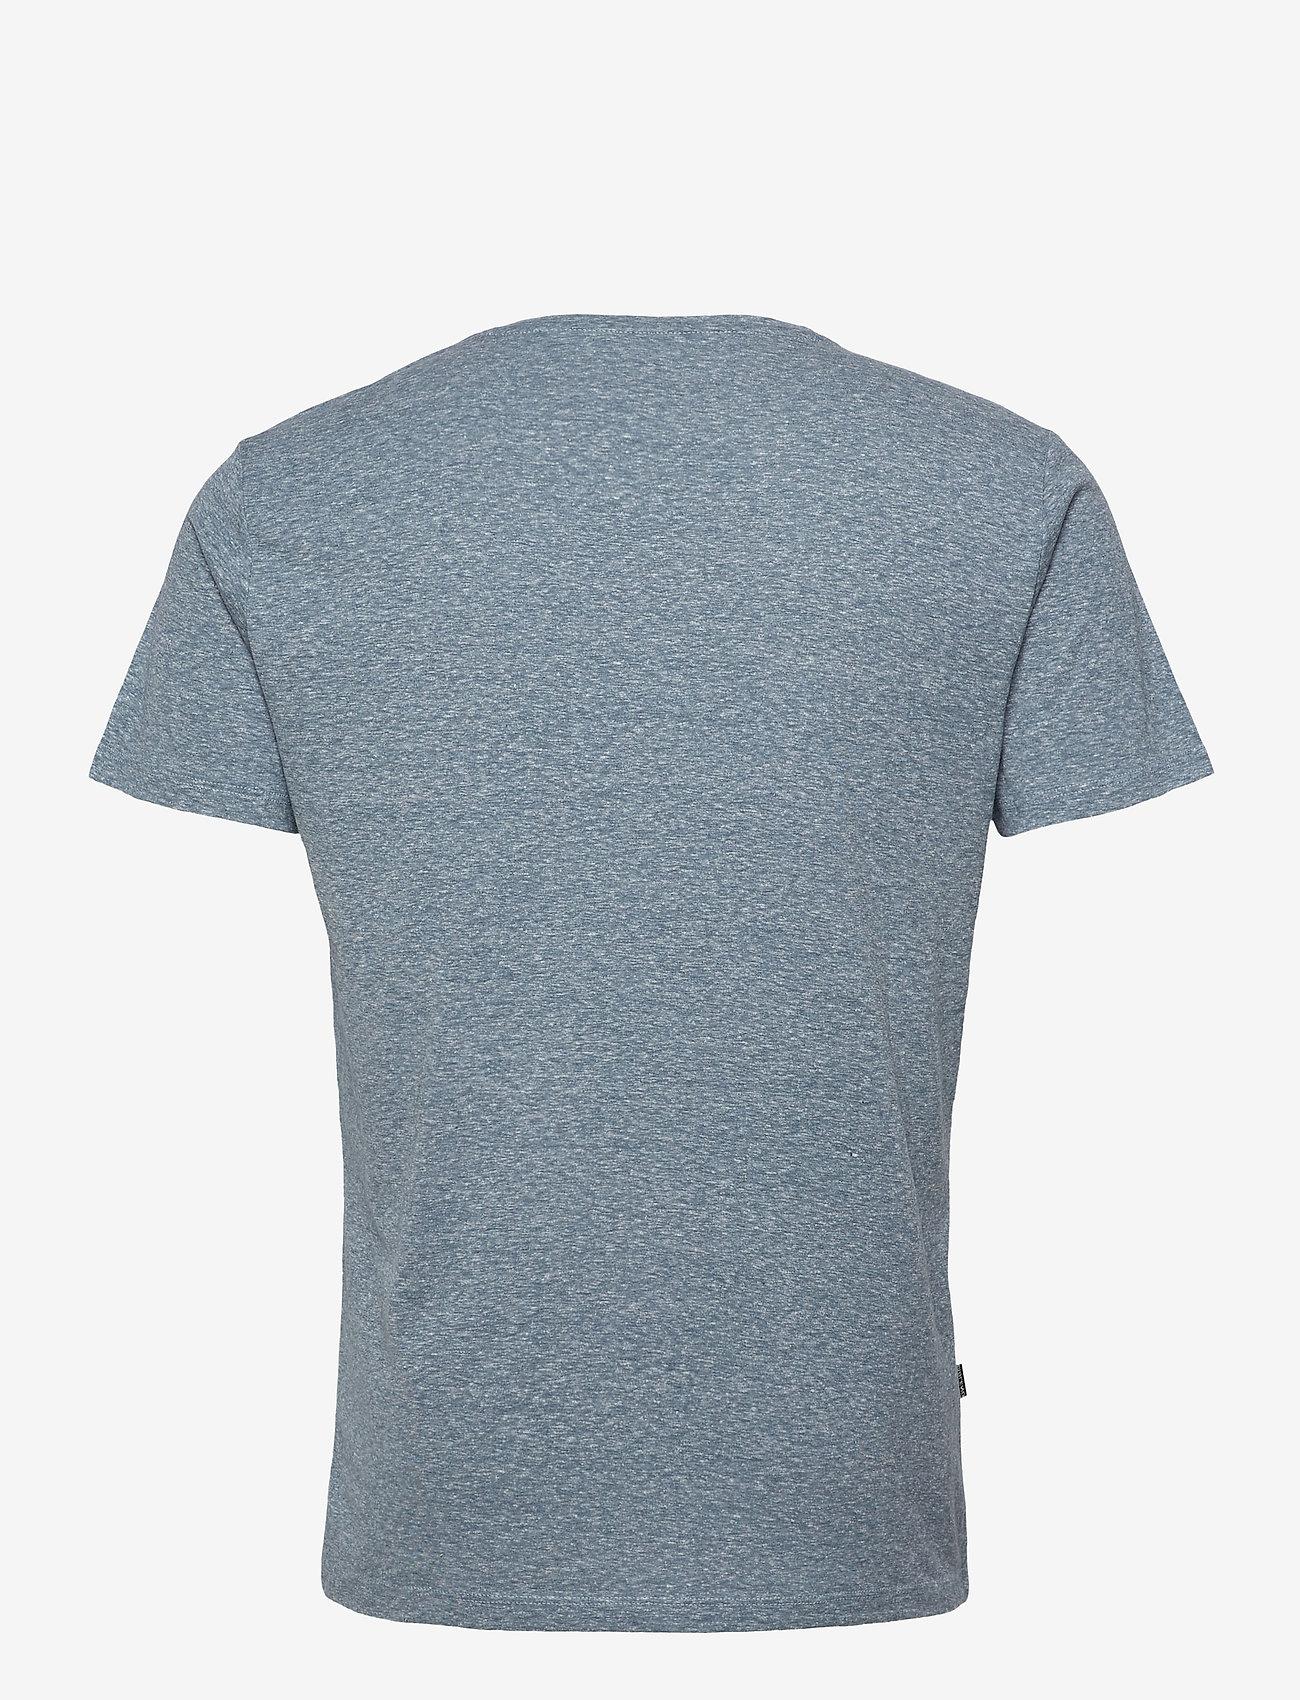 Blend - Tee - podstawowe koszulki - dark denim - 1